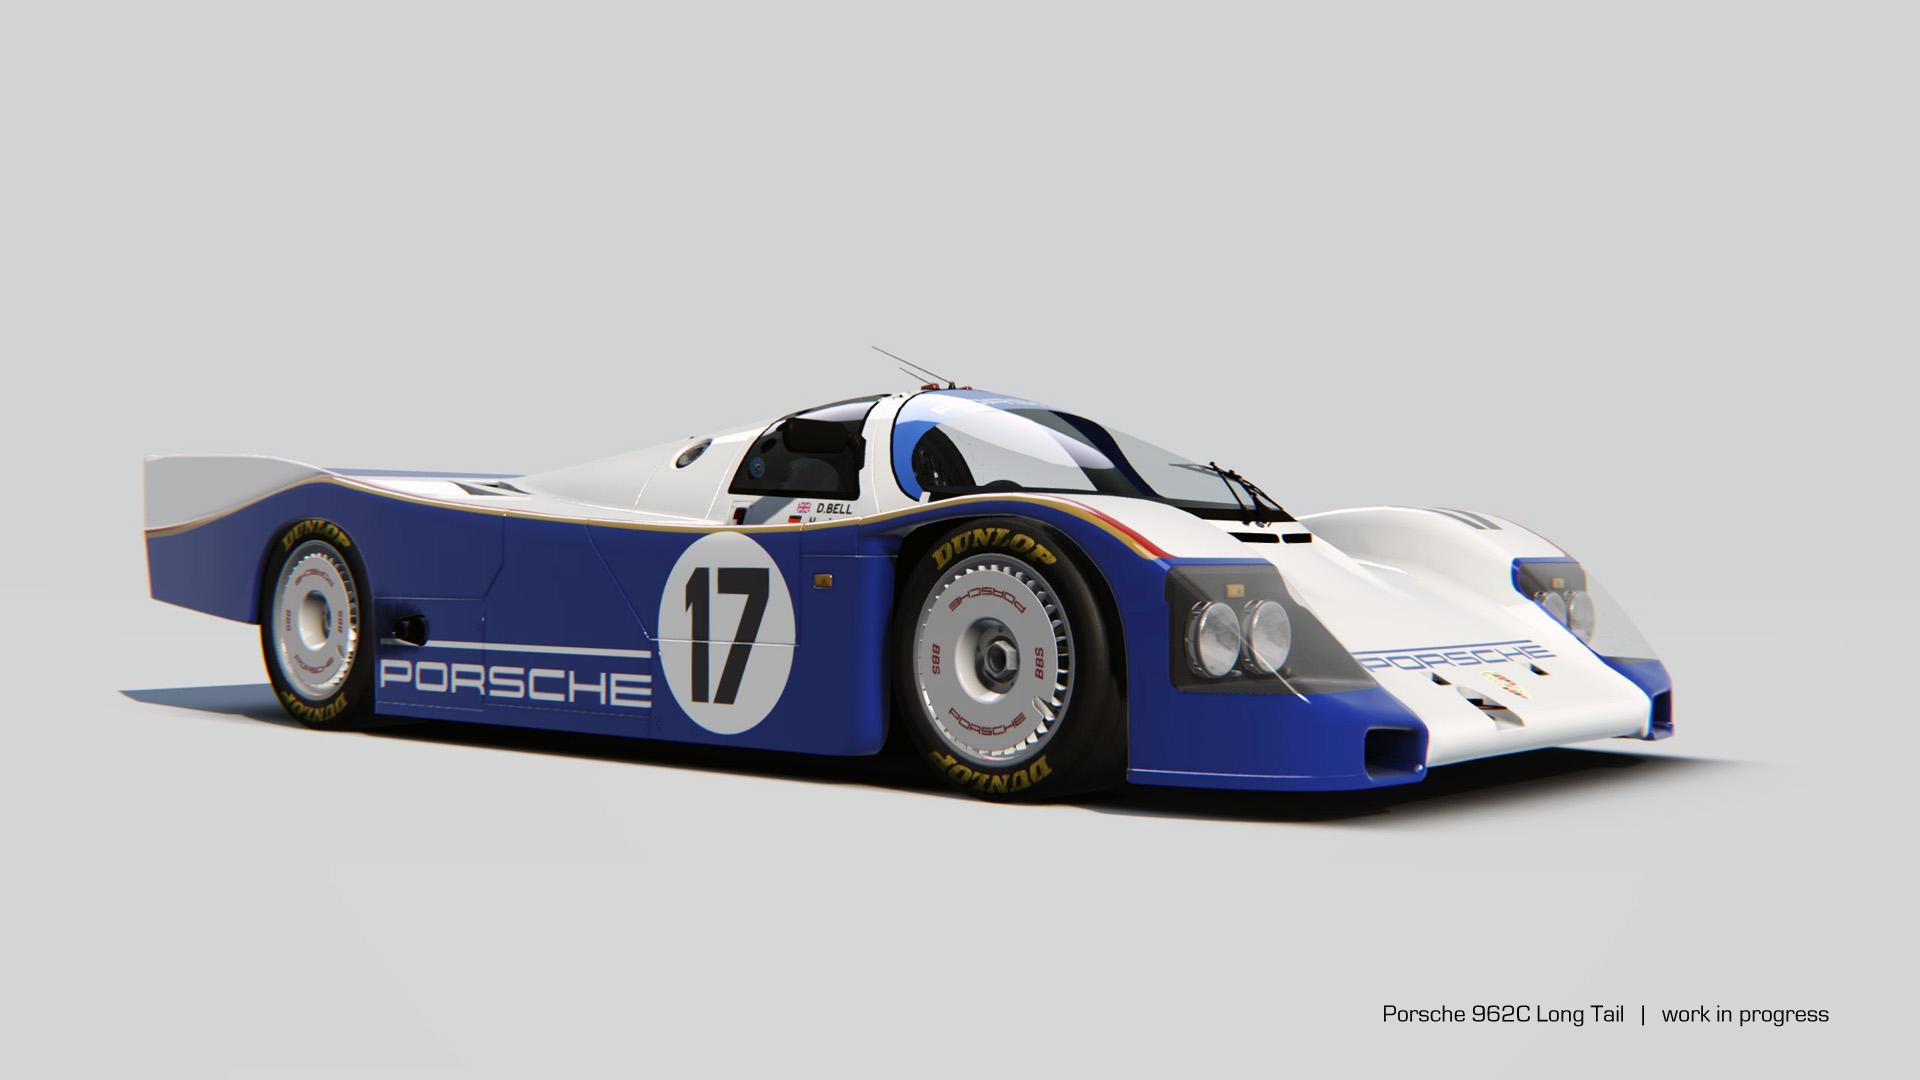 Tři DLC přidají vozy Porsche do Assetto Corsa 132686